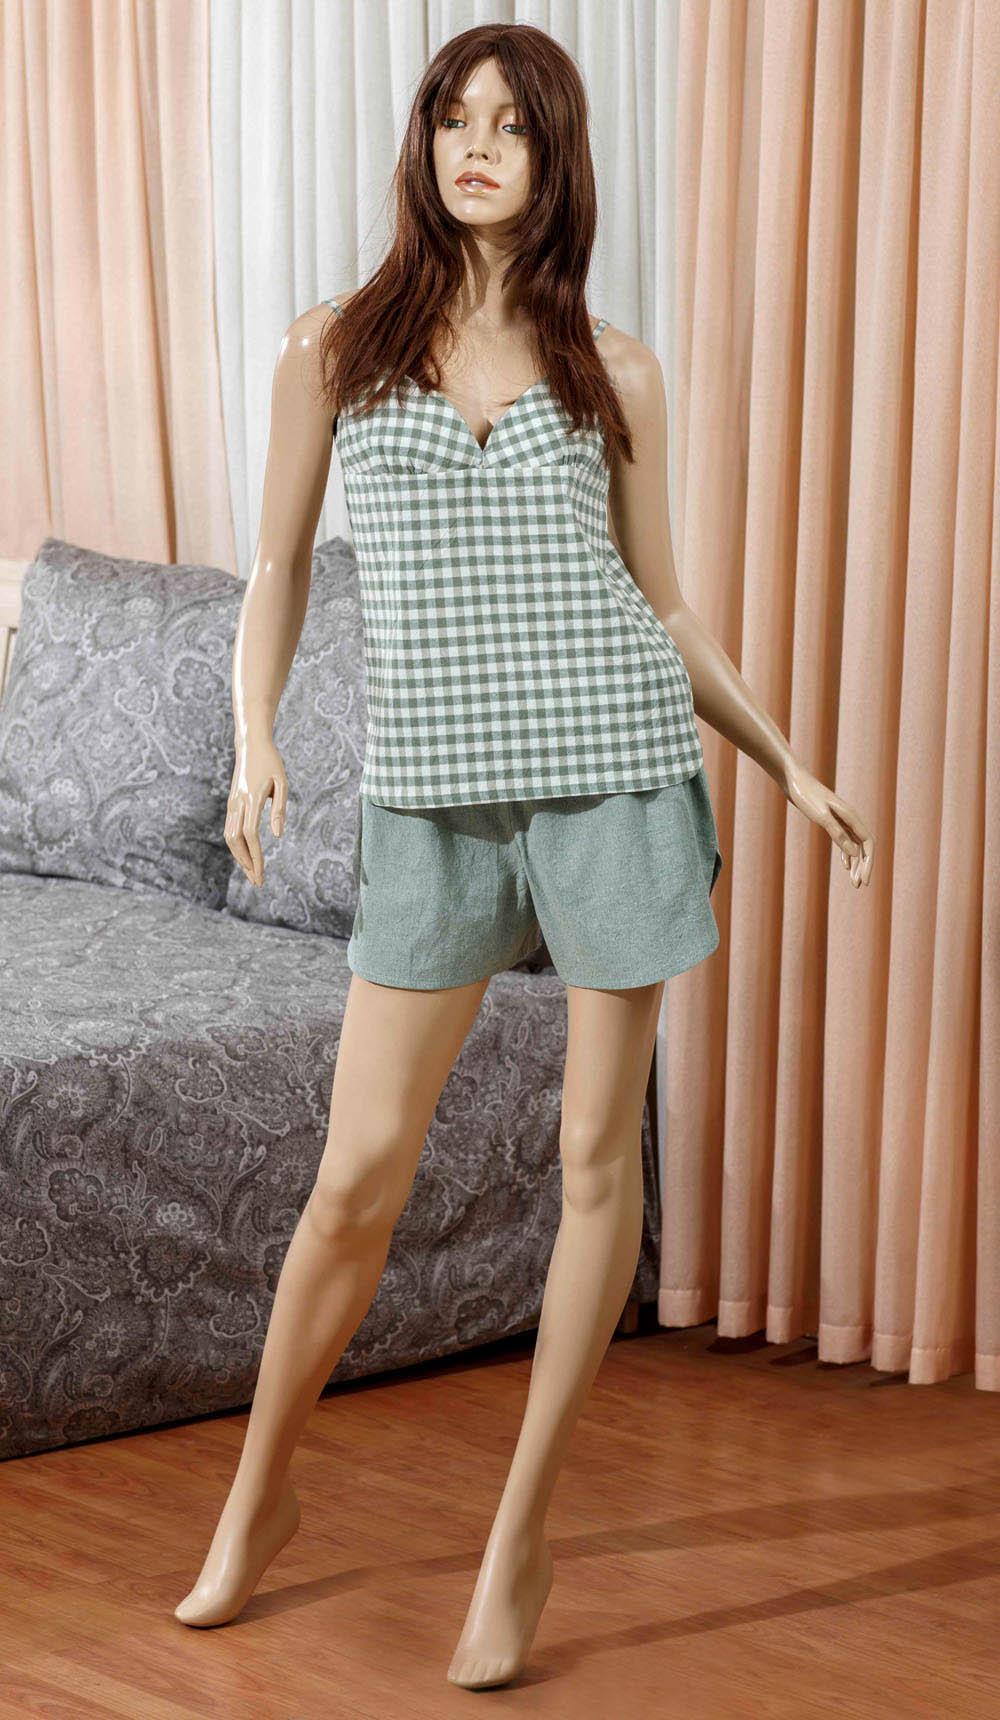 Брюки Primavelle Одежда для дома Vera Цвет: Зеленый (S-M) лен одежда купить